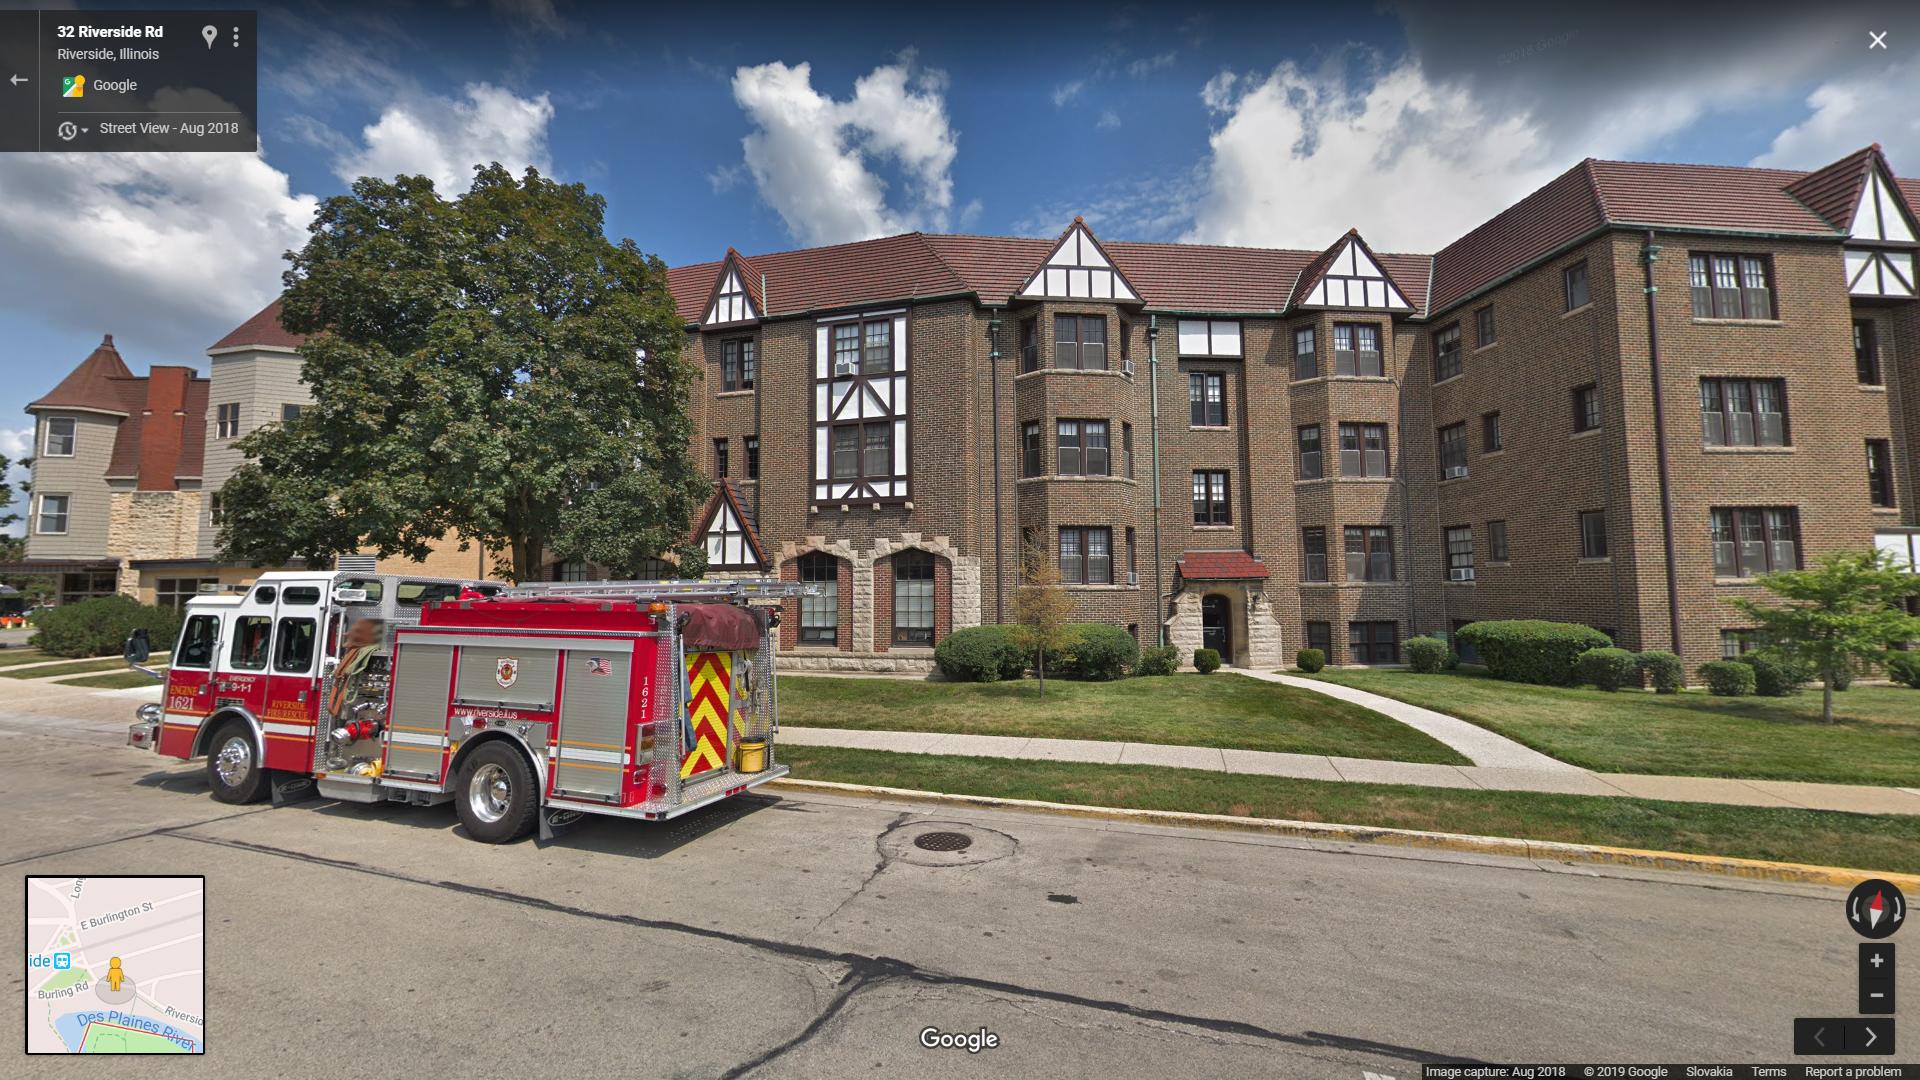 obytný dom Jima aj s nablýskaným hasičským autom, keďže hasiči mali základňu rovno oproti domu